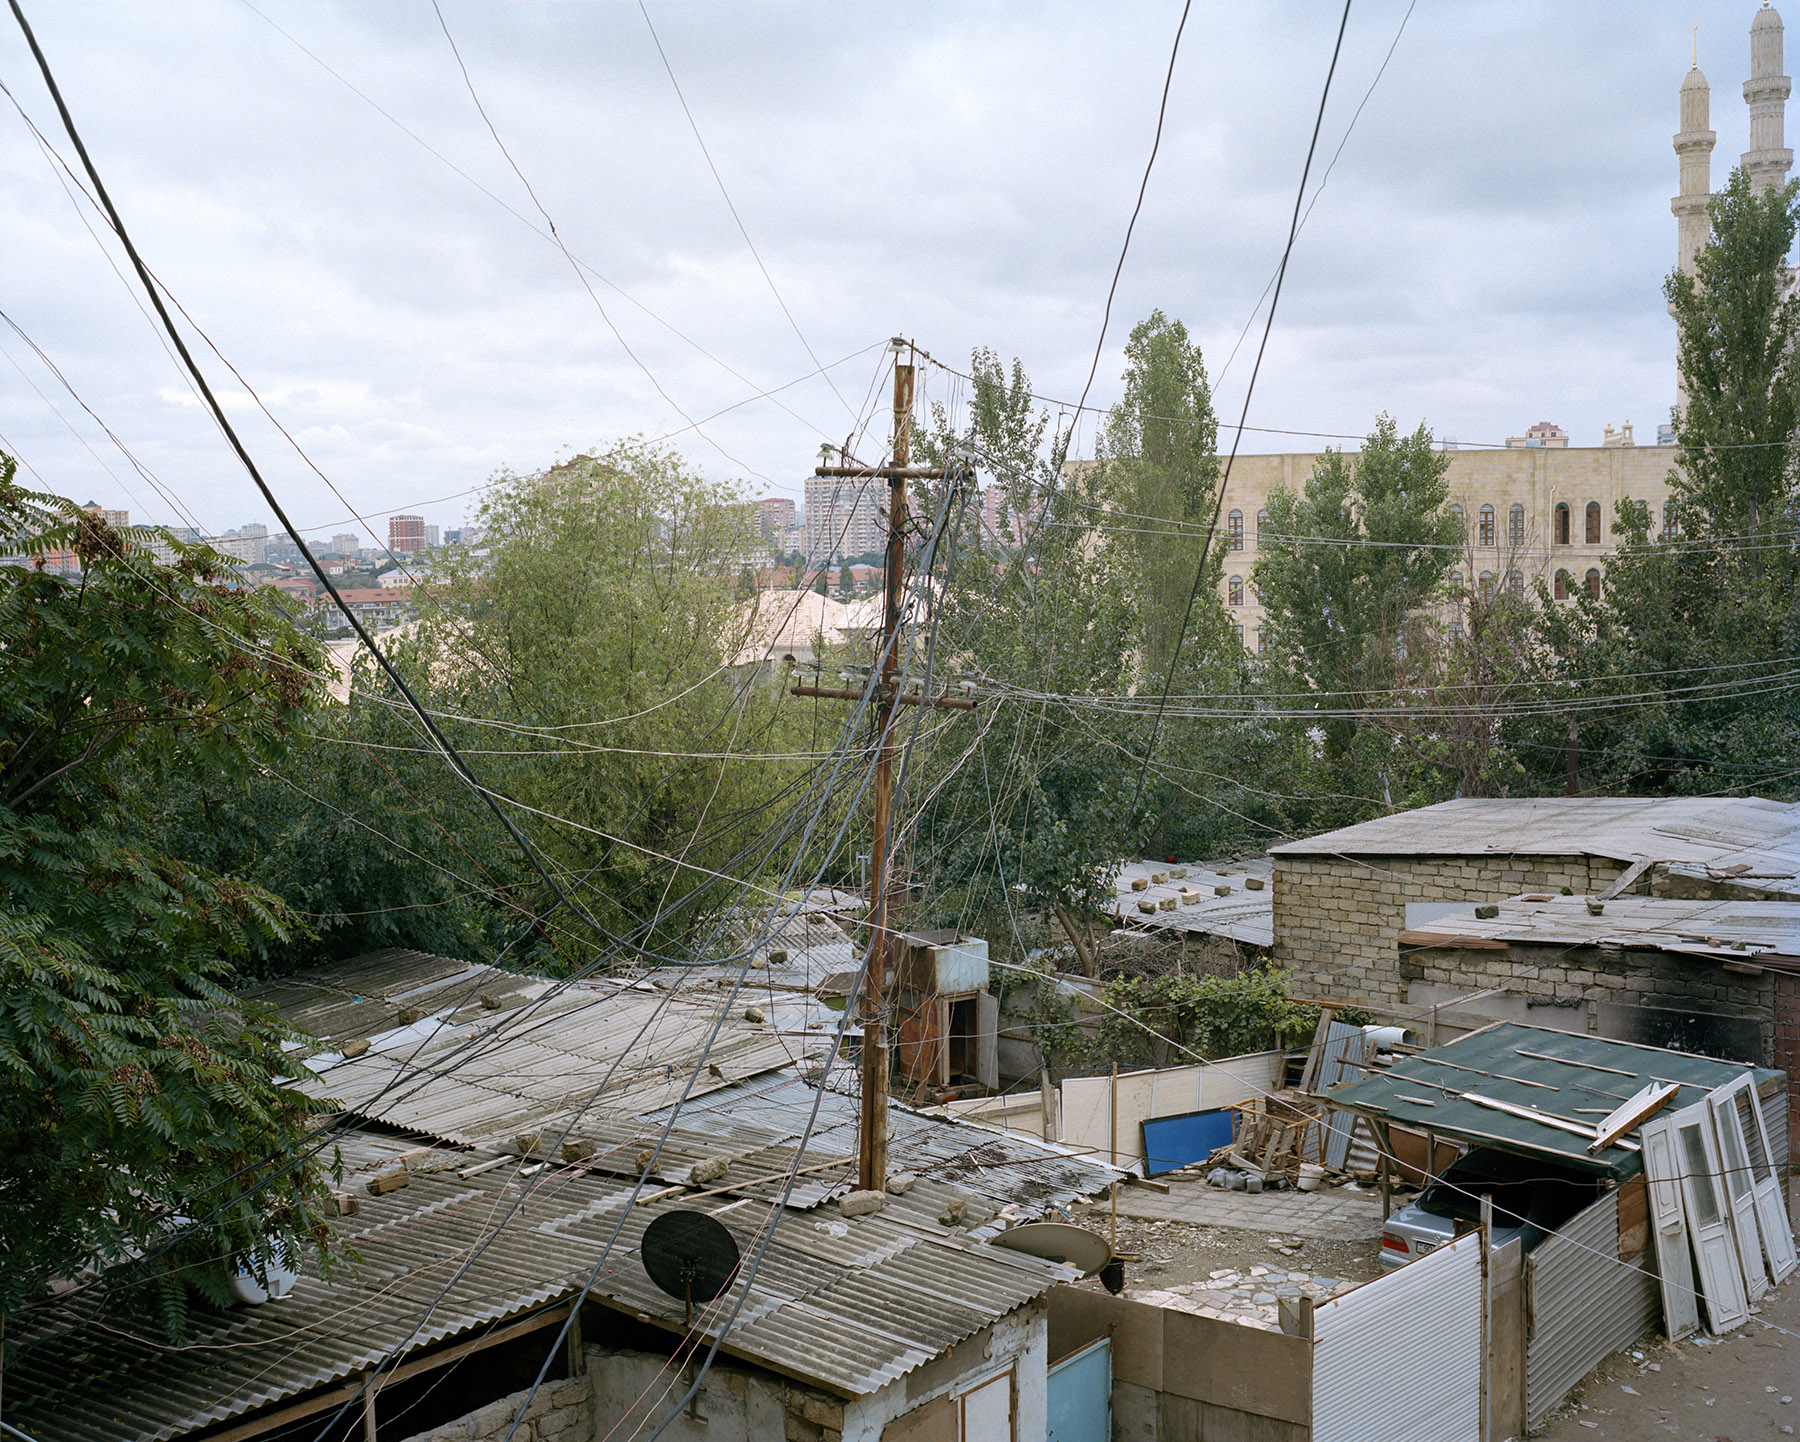 2017 год: Дома, где живут вынужденные переселенцы из Нагорного Карабаха, незаконно подключены к городской электросети. Эти дома находятся прямо за мечетью Гейдара Алиева — самой большой мечетью на Южном Кавказе.